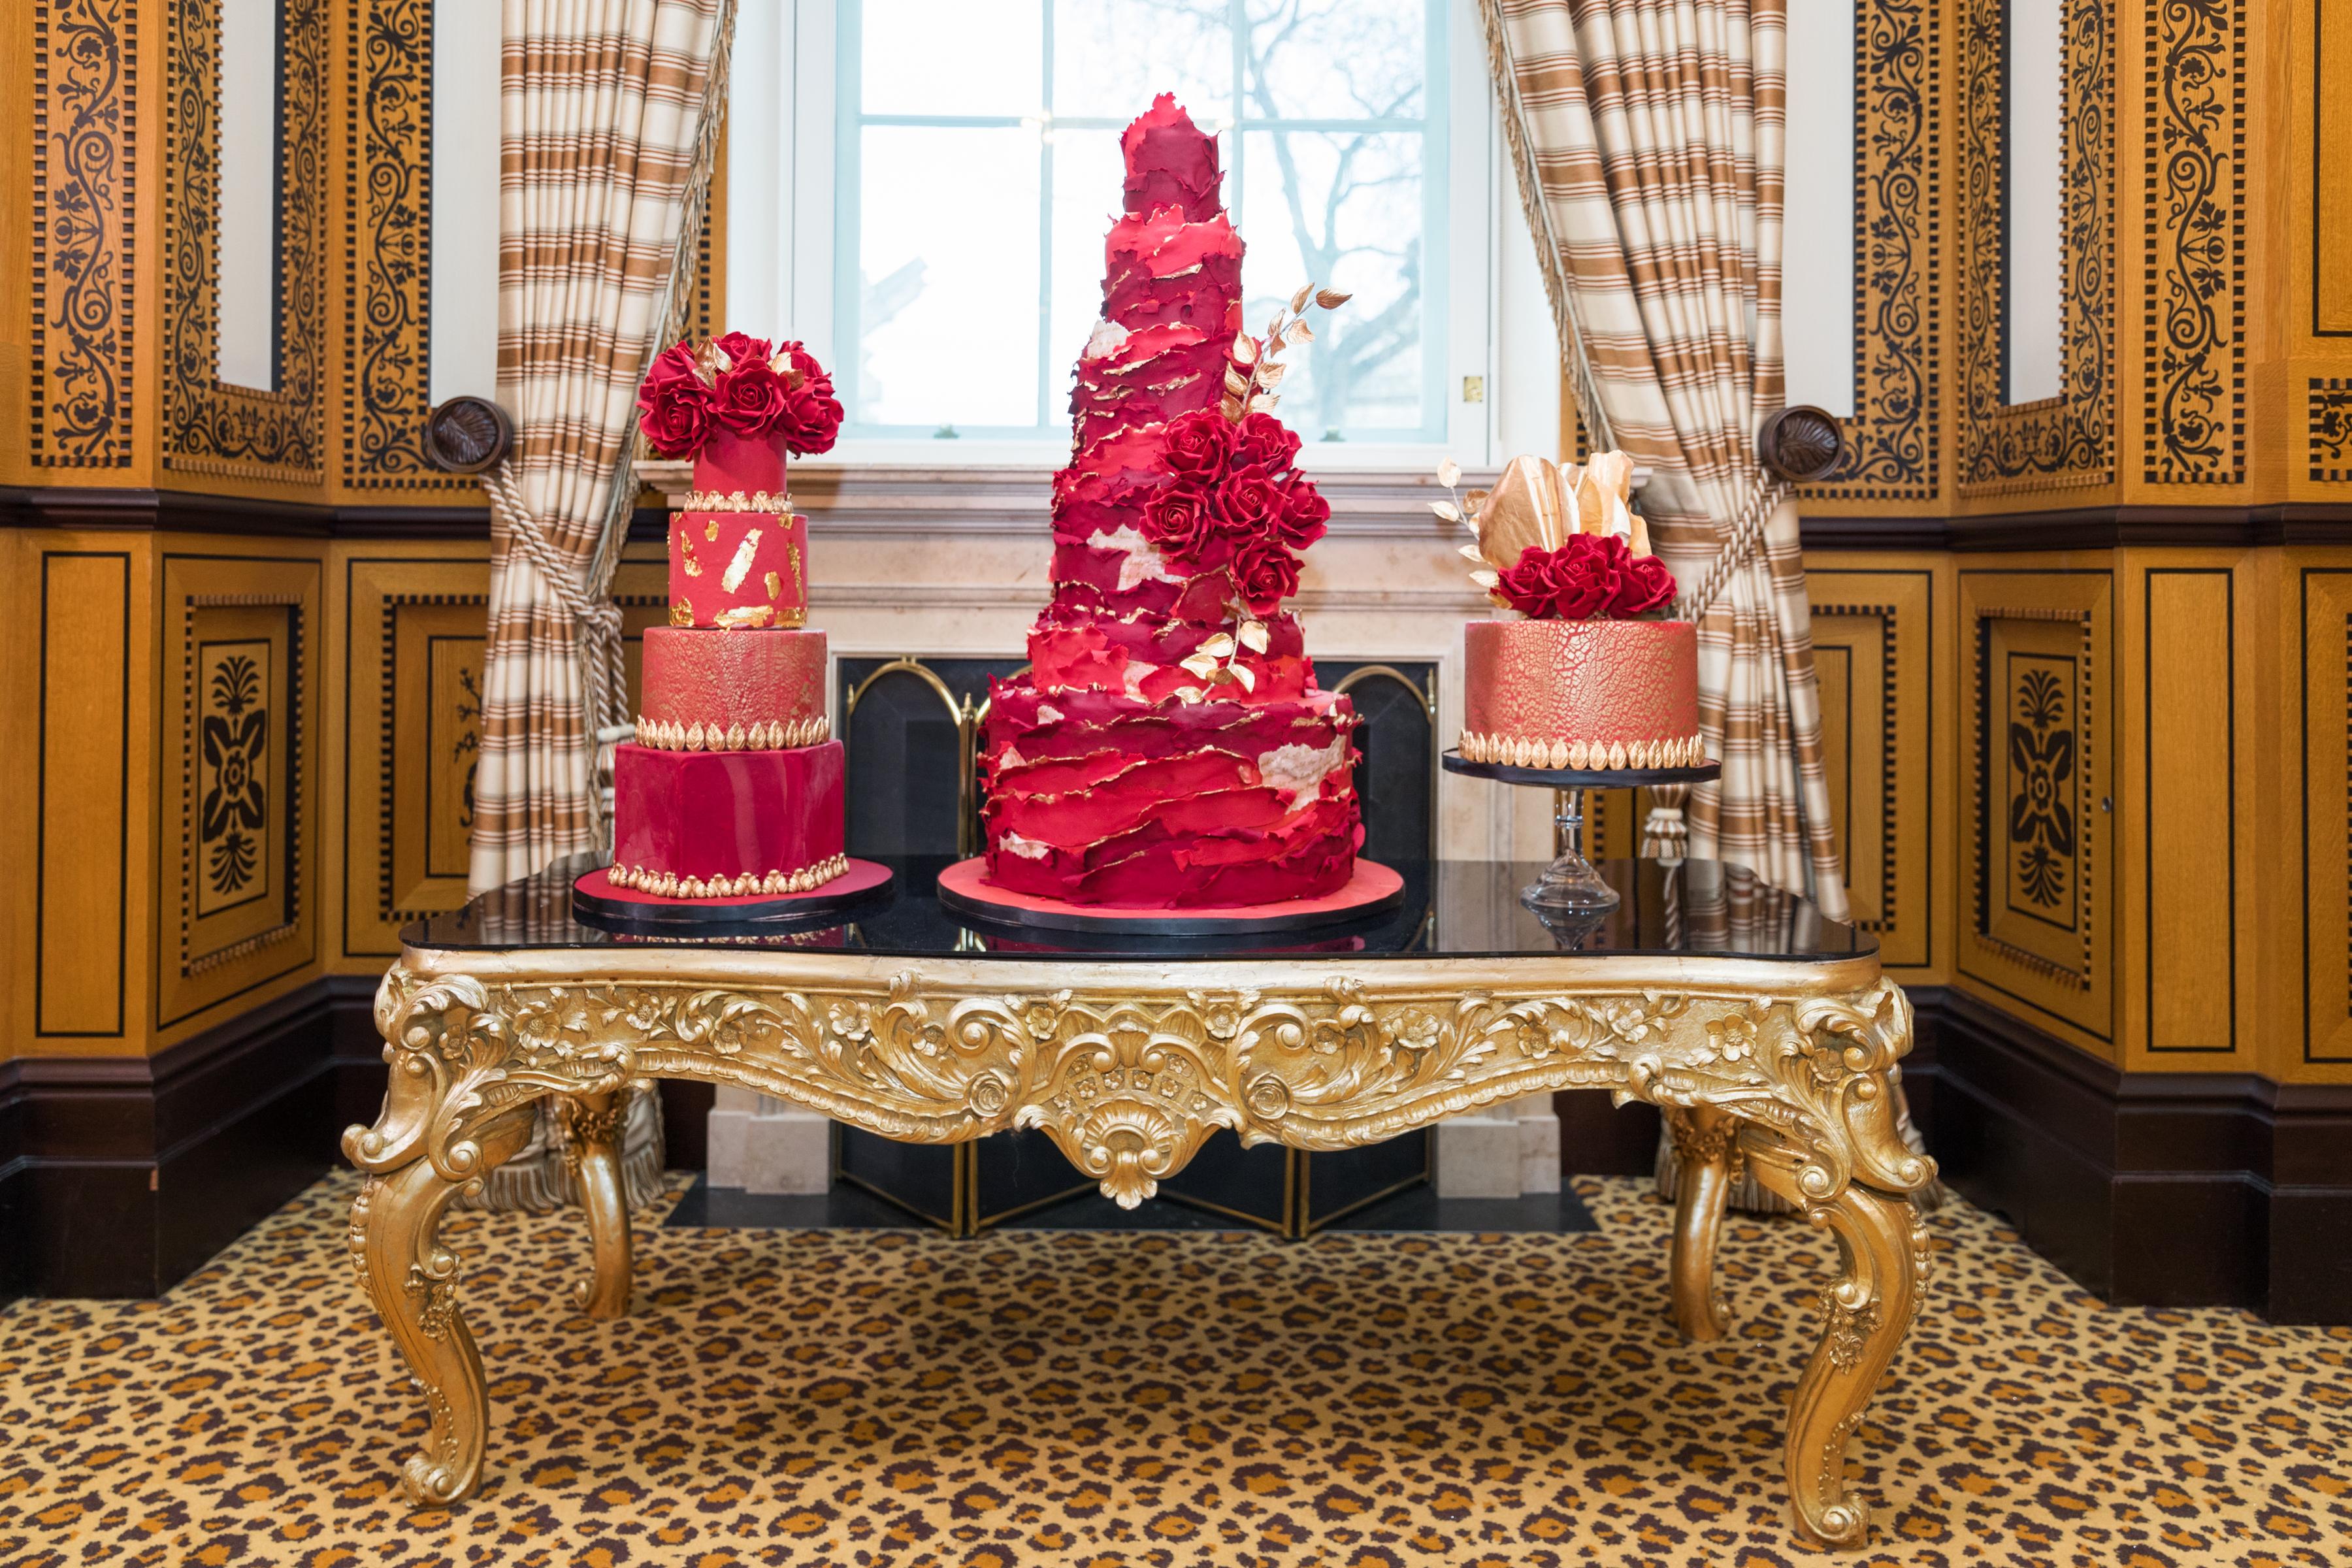 Royal Elizabeth's Cake Emporium cakes